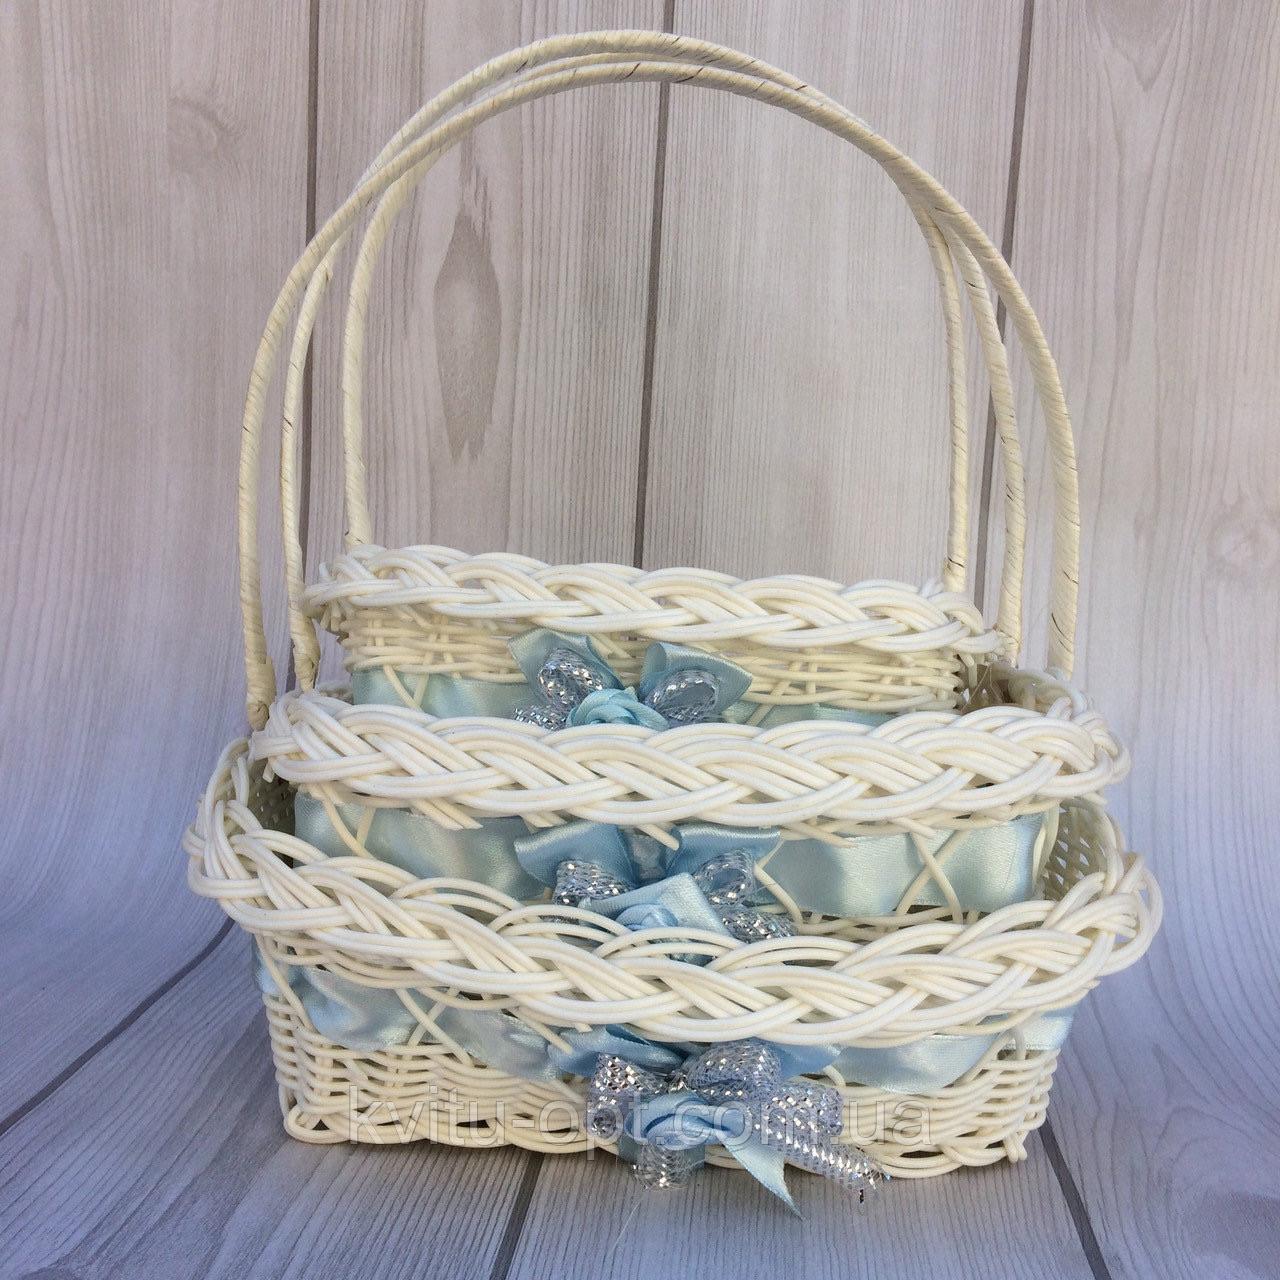 Корзина белая с голубой лентой  плетеная для композиции комплект 3  шт.